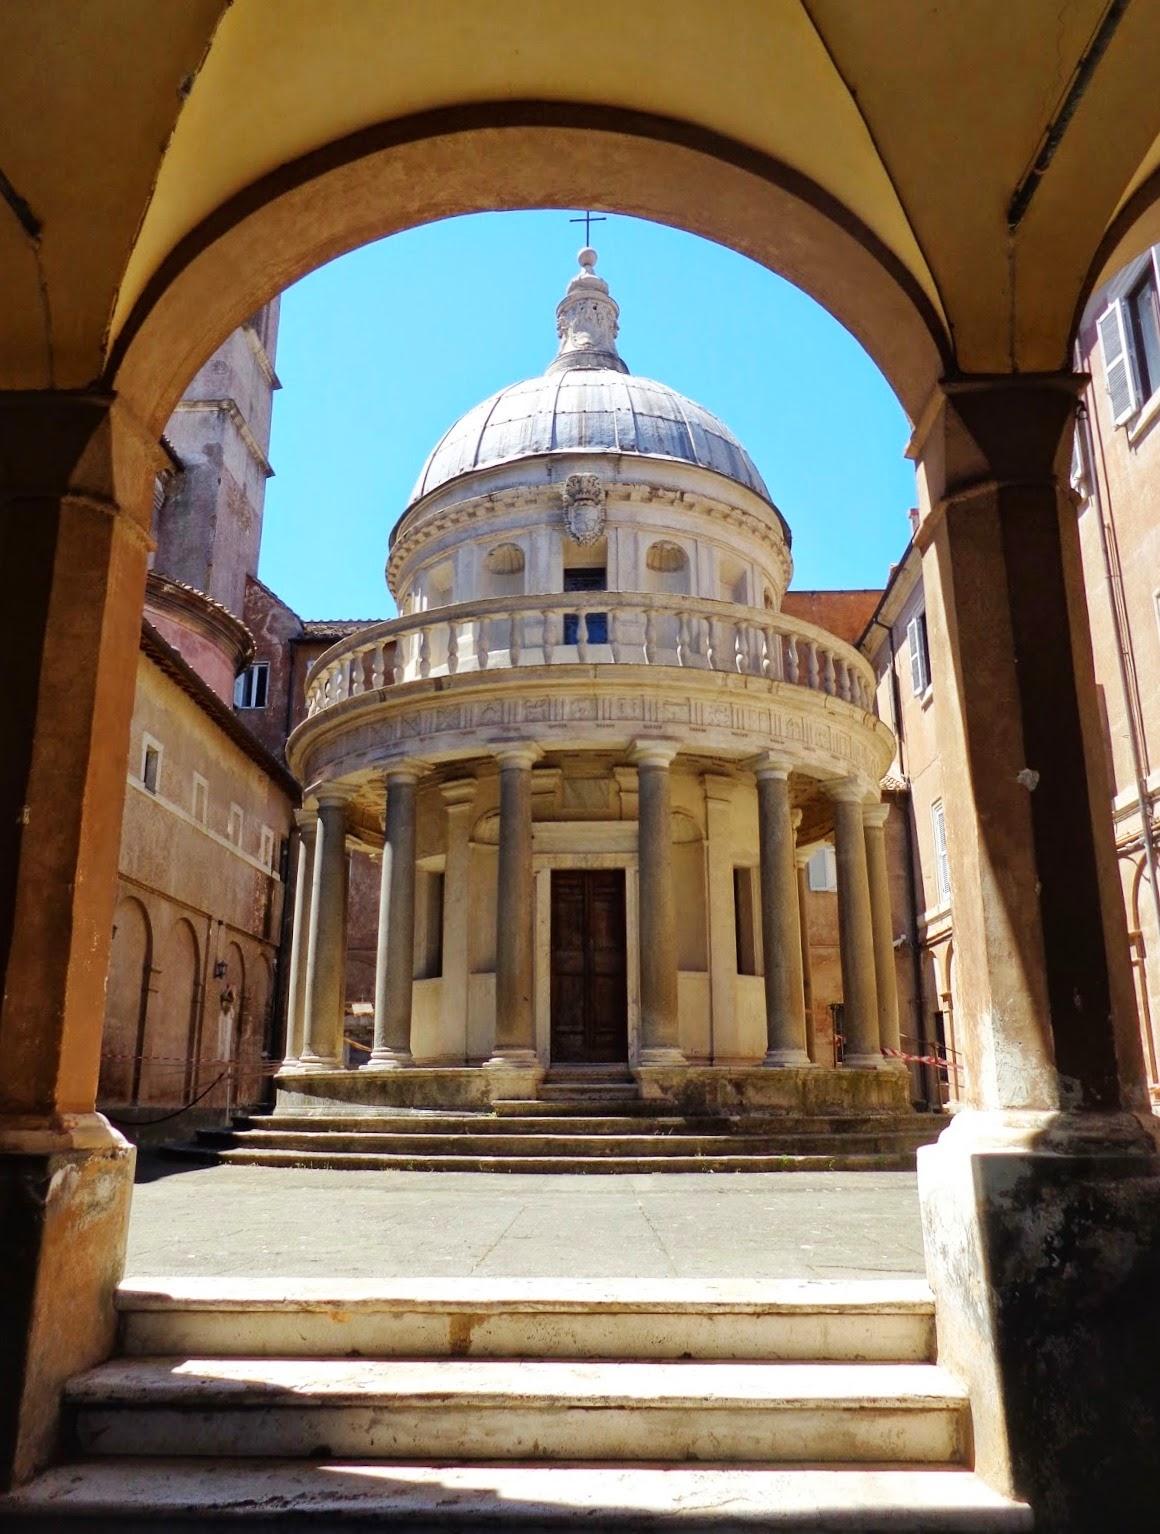 Esse é o que se considera o primeiro edifício realmente renascentista de Roma: o Tempietto (templo pequeno), erigido por Bramante em 1502. Acredita-se que São Pedro tenha sido crucificado neste local. O Tempietto ilustra o sonho renascentista de reviver as glórias passadas.